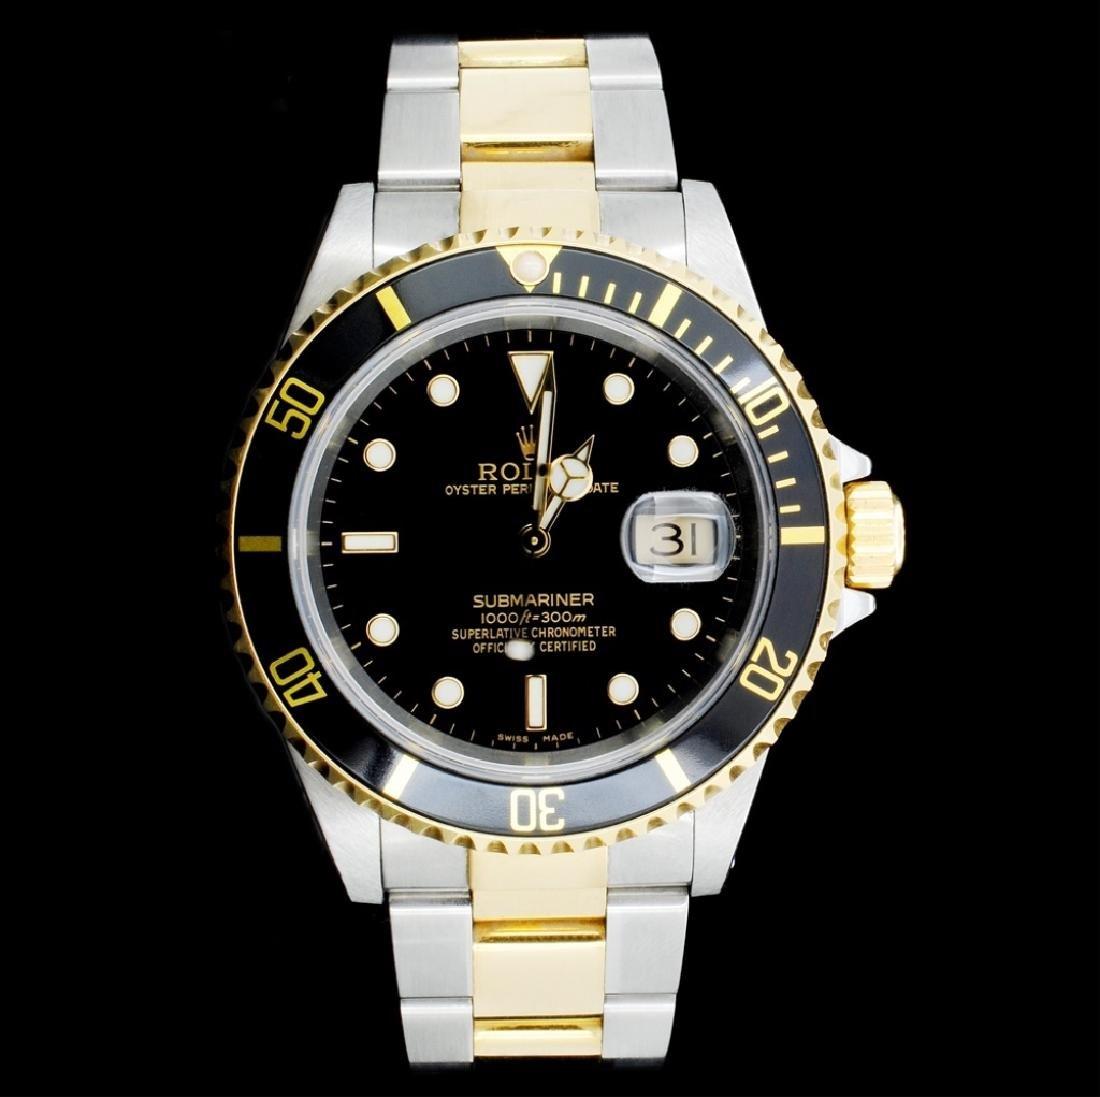 Rolex Submariner 18K & Stainless Steel 40MM Watch